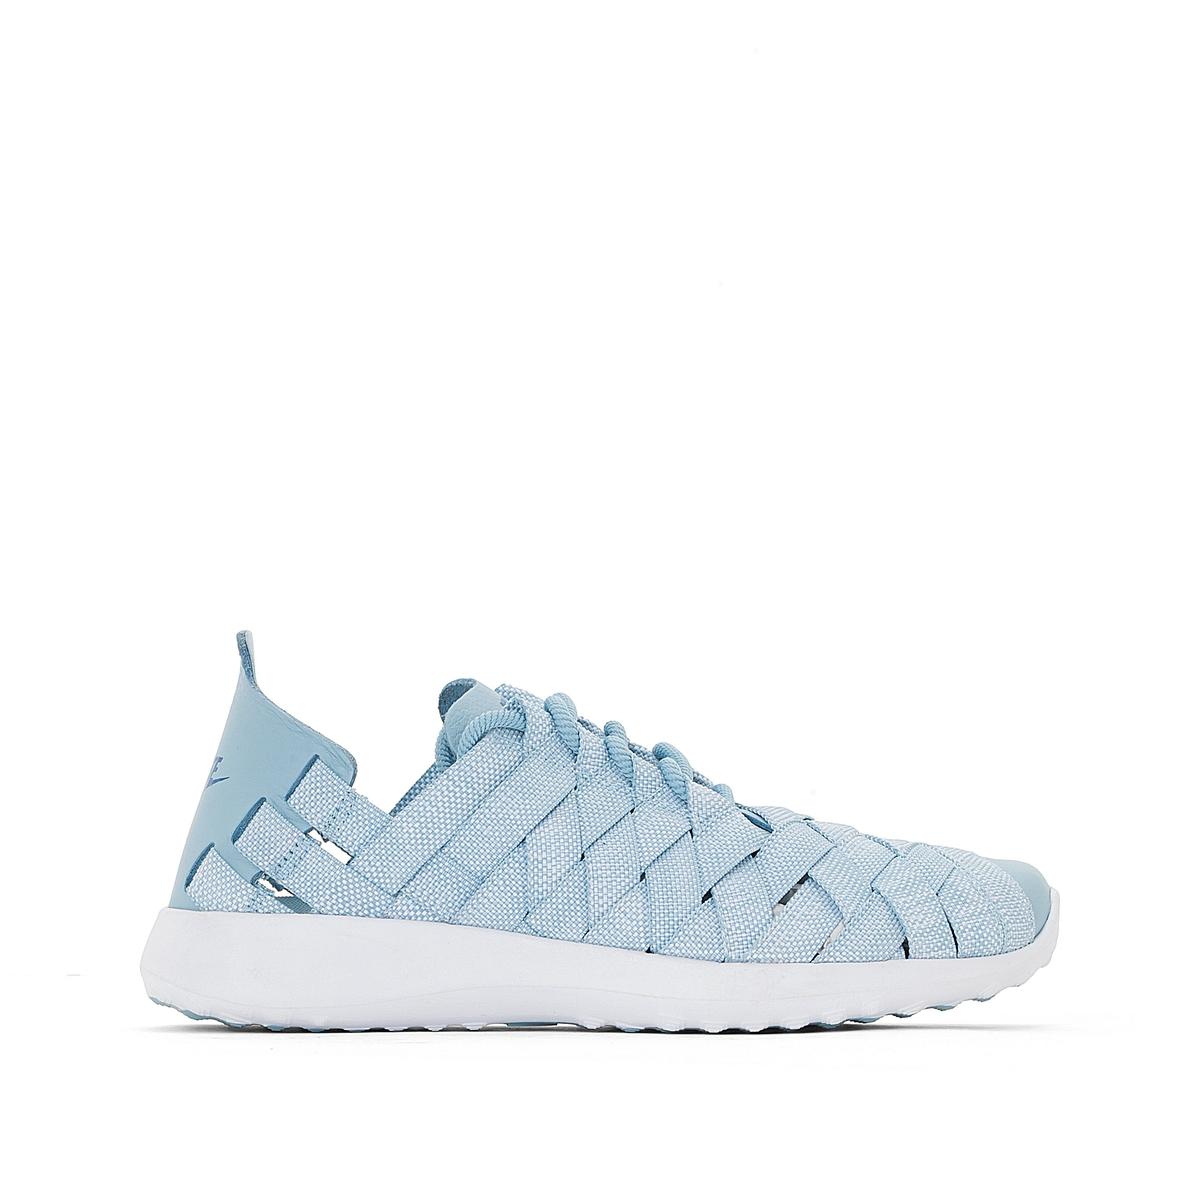 Imagen principal de producto de Zapatillas Juvenate Woven Prm - Nike